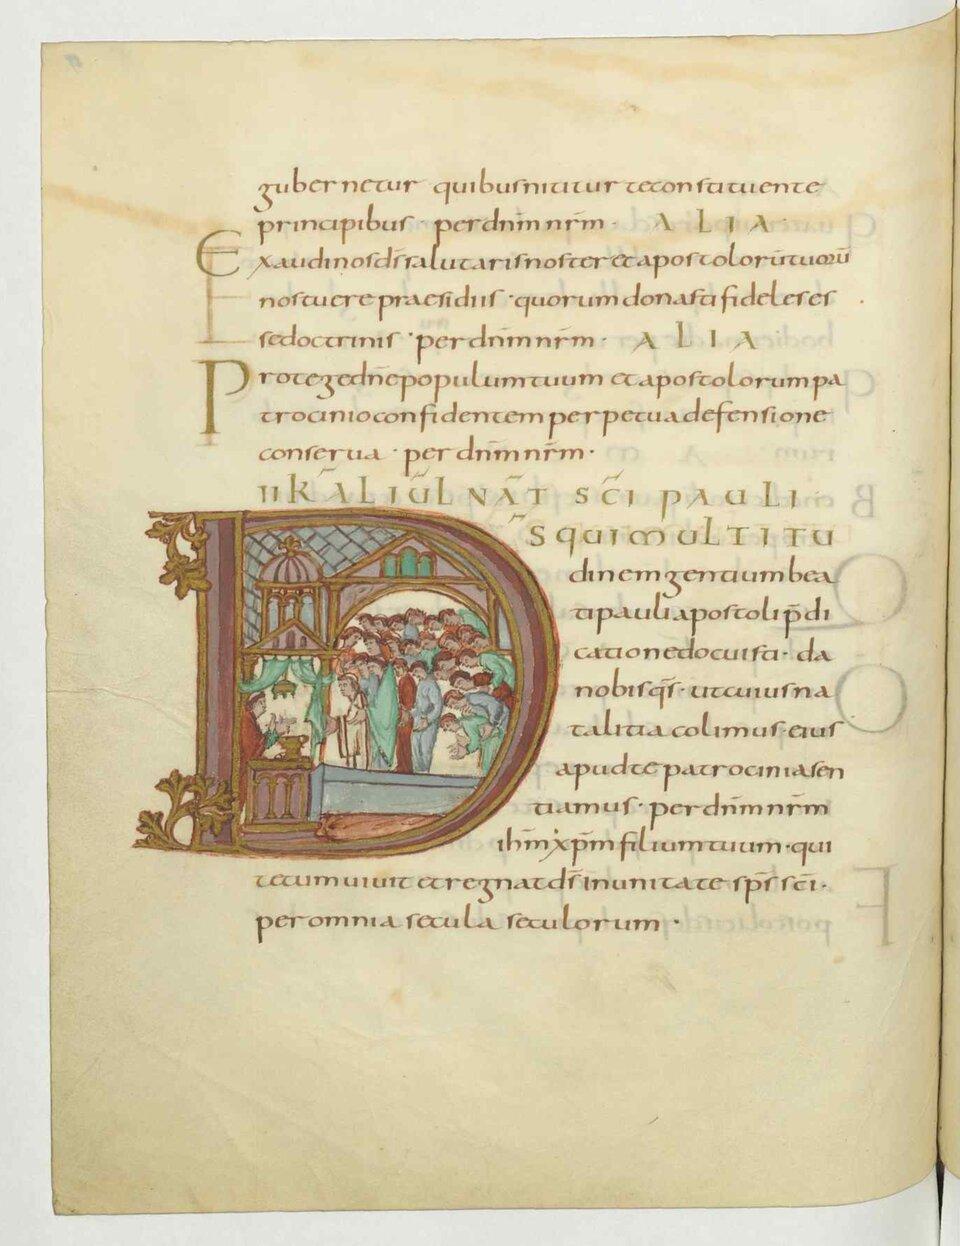 Strona zksięgi liturgicznej Strona zksięgi liturgicznej